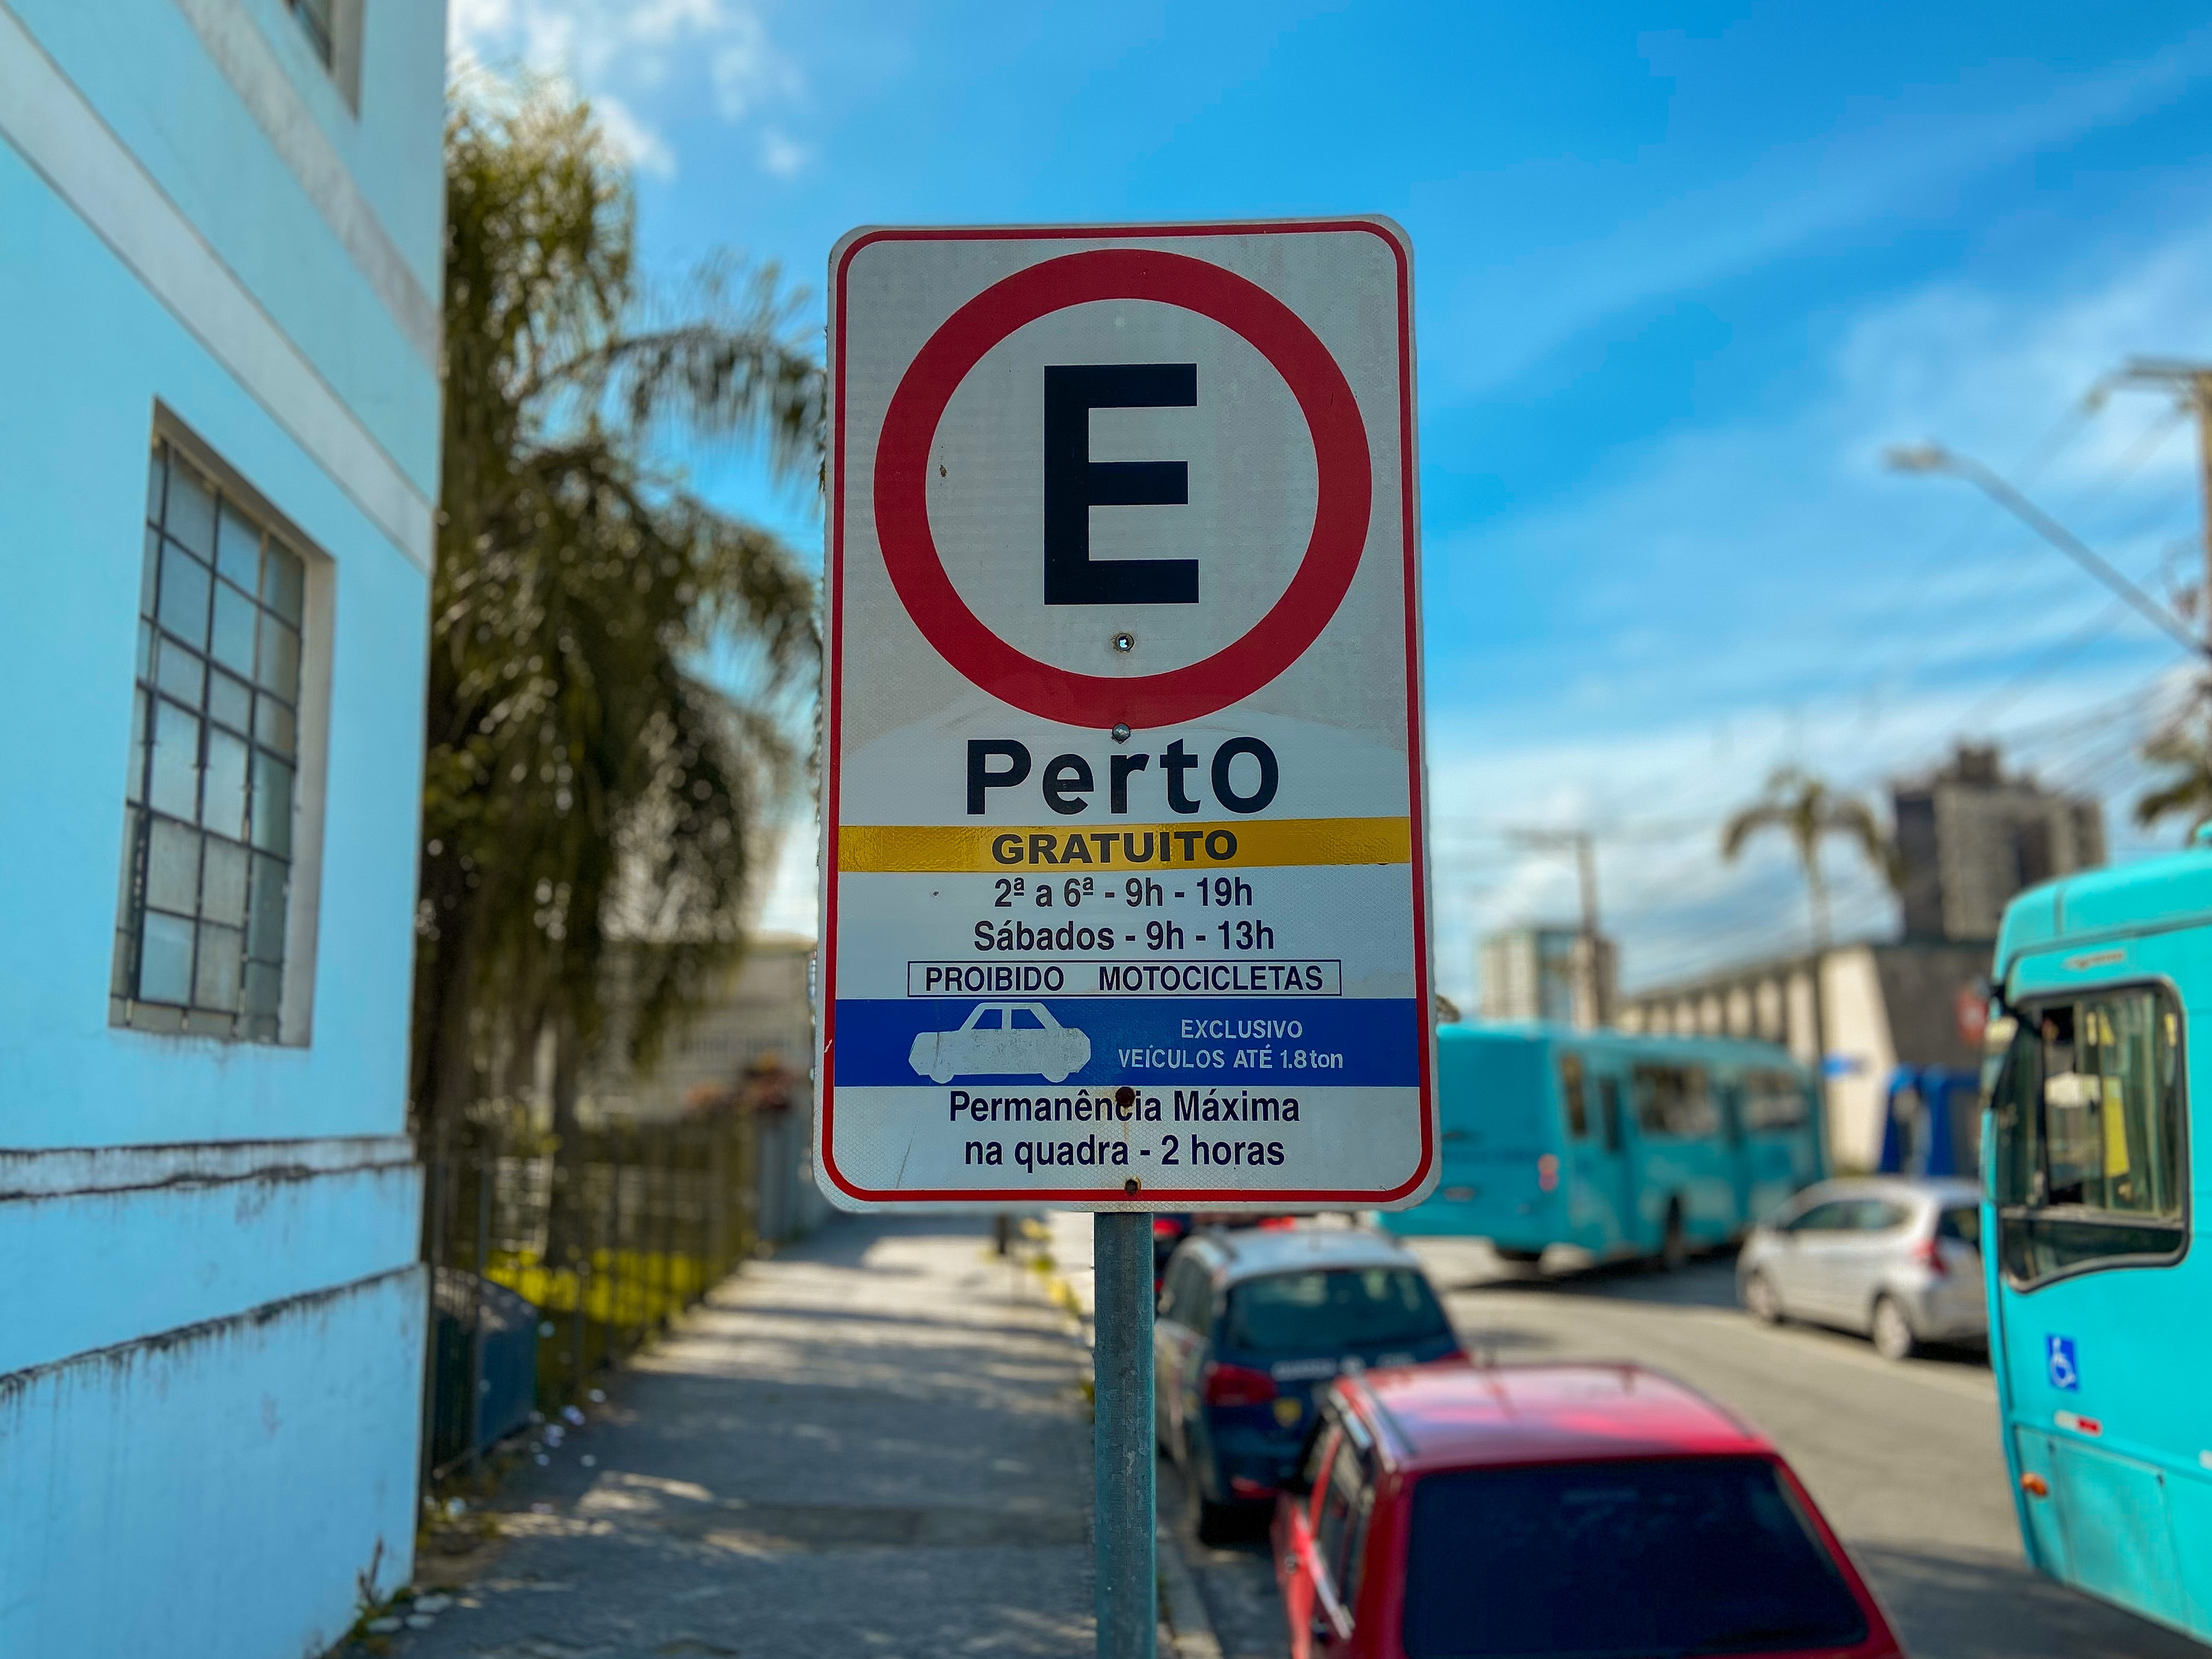 Cobrança do cartão PERTO é extinta em Paranaguá